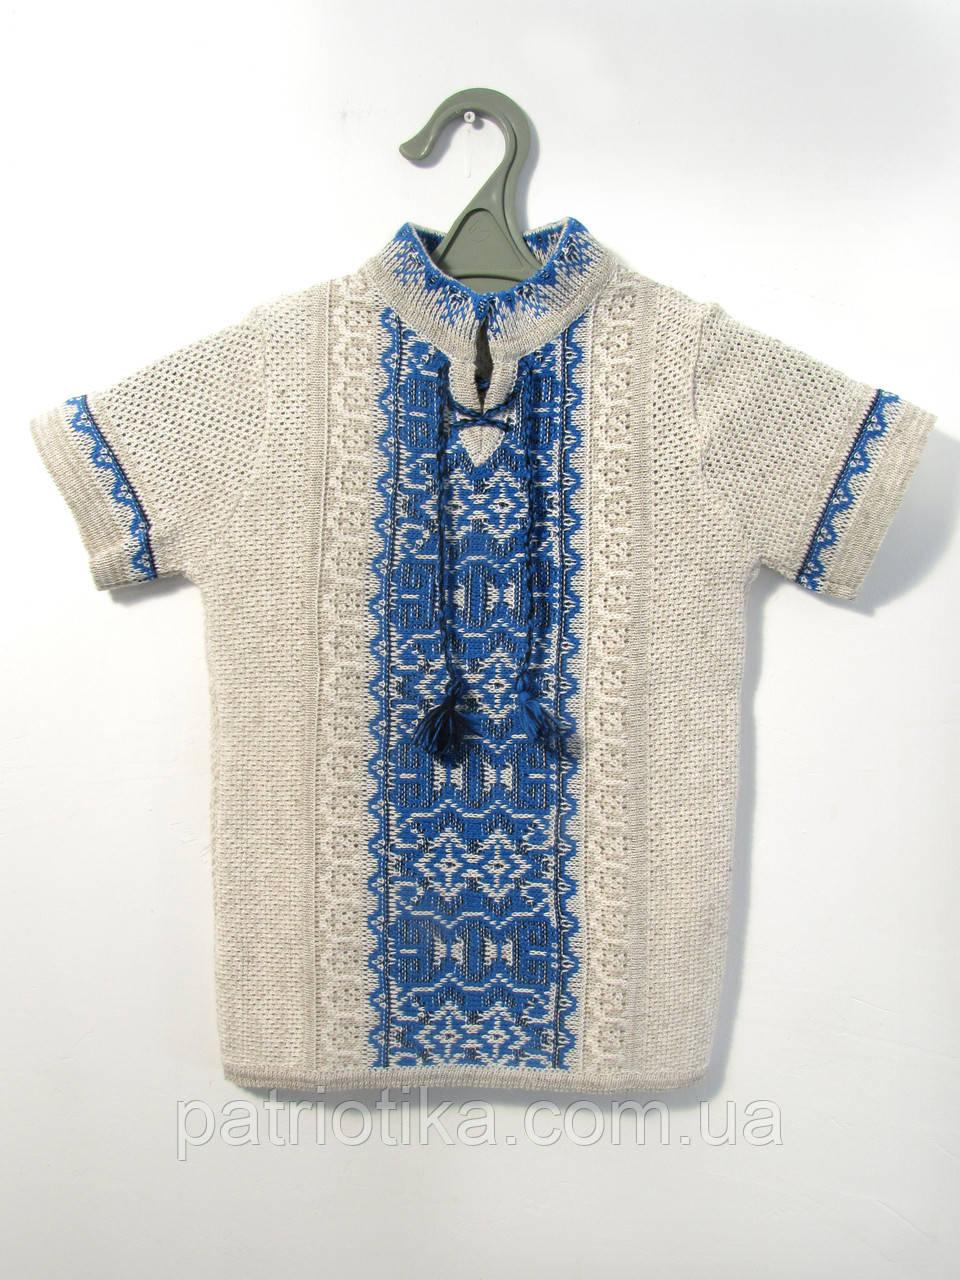 Вязаная вышиванка для мальчика с коротким рукавом | В'язана вишиванка для хлопчика з коротким рукавом